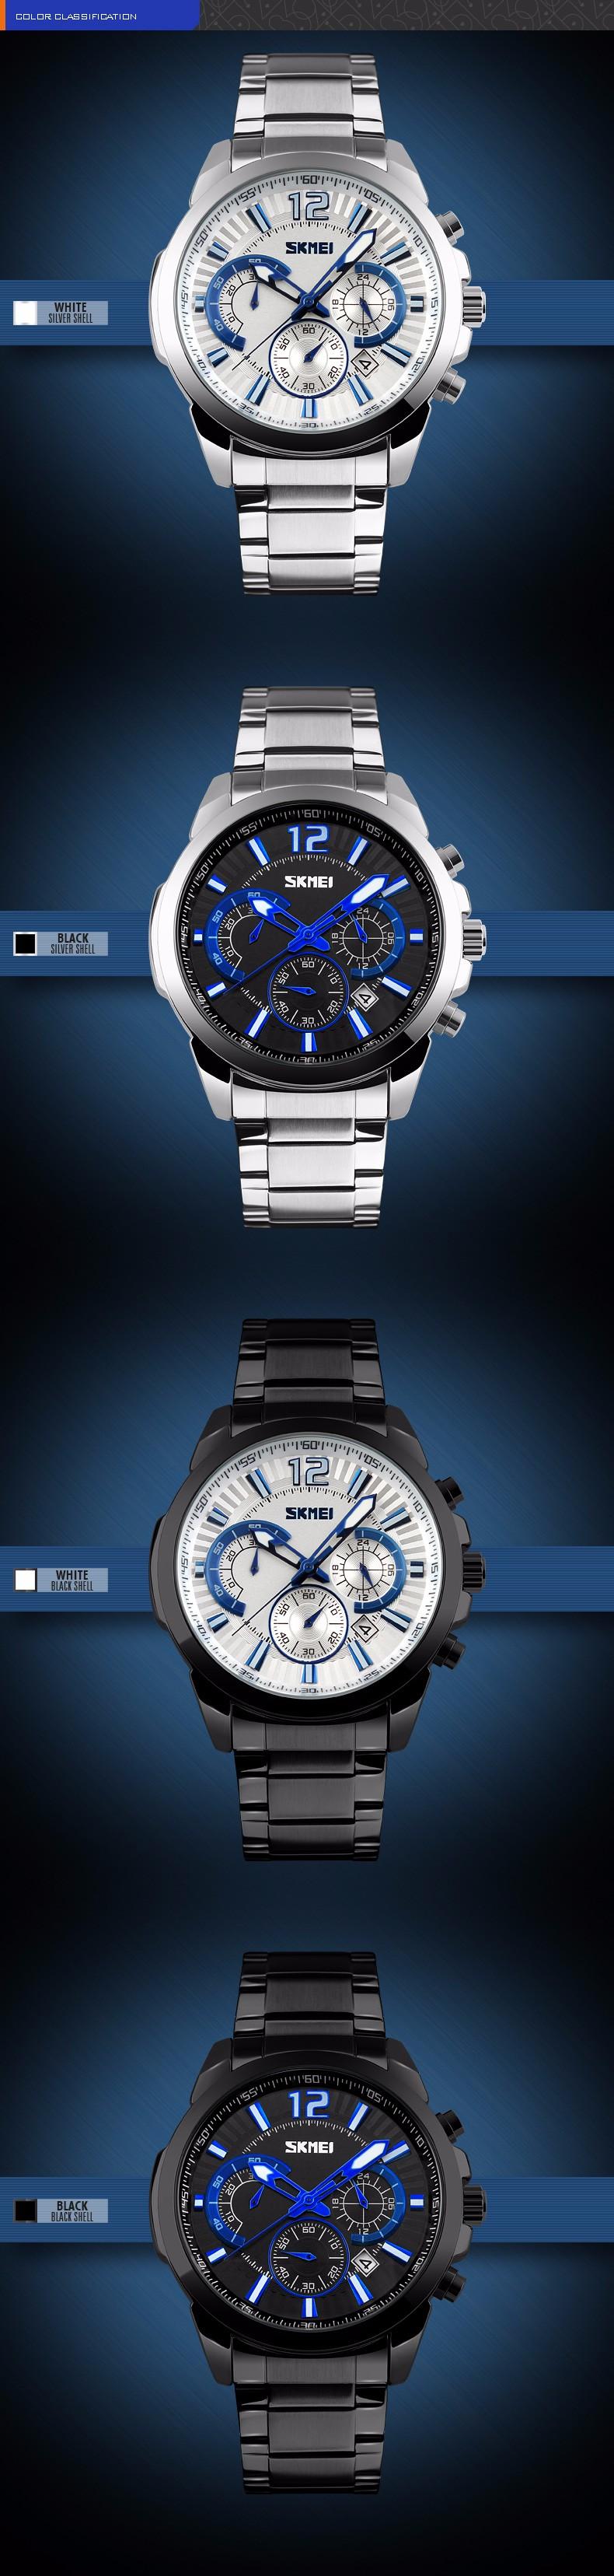 Мужские часы SKMEI 9108 Мода Многофункциональный Кварцевые Часы Из Нержавеющей Стали Ремешок Водонепроницаемый Наручные Часы